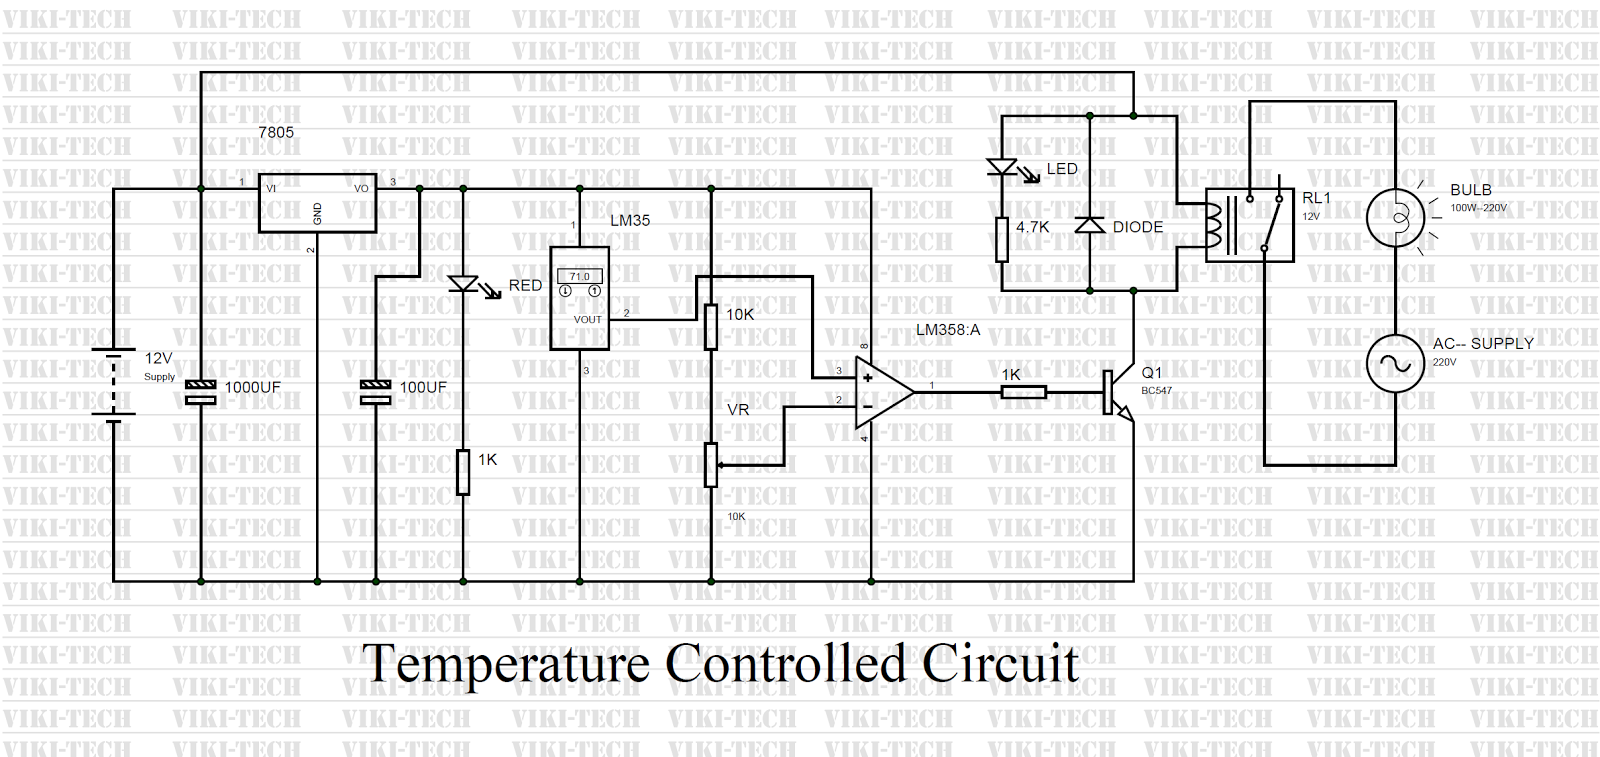 medium resolution of temperature controlled circuit diagram